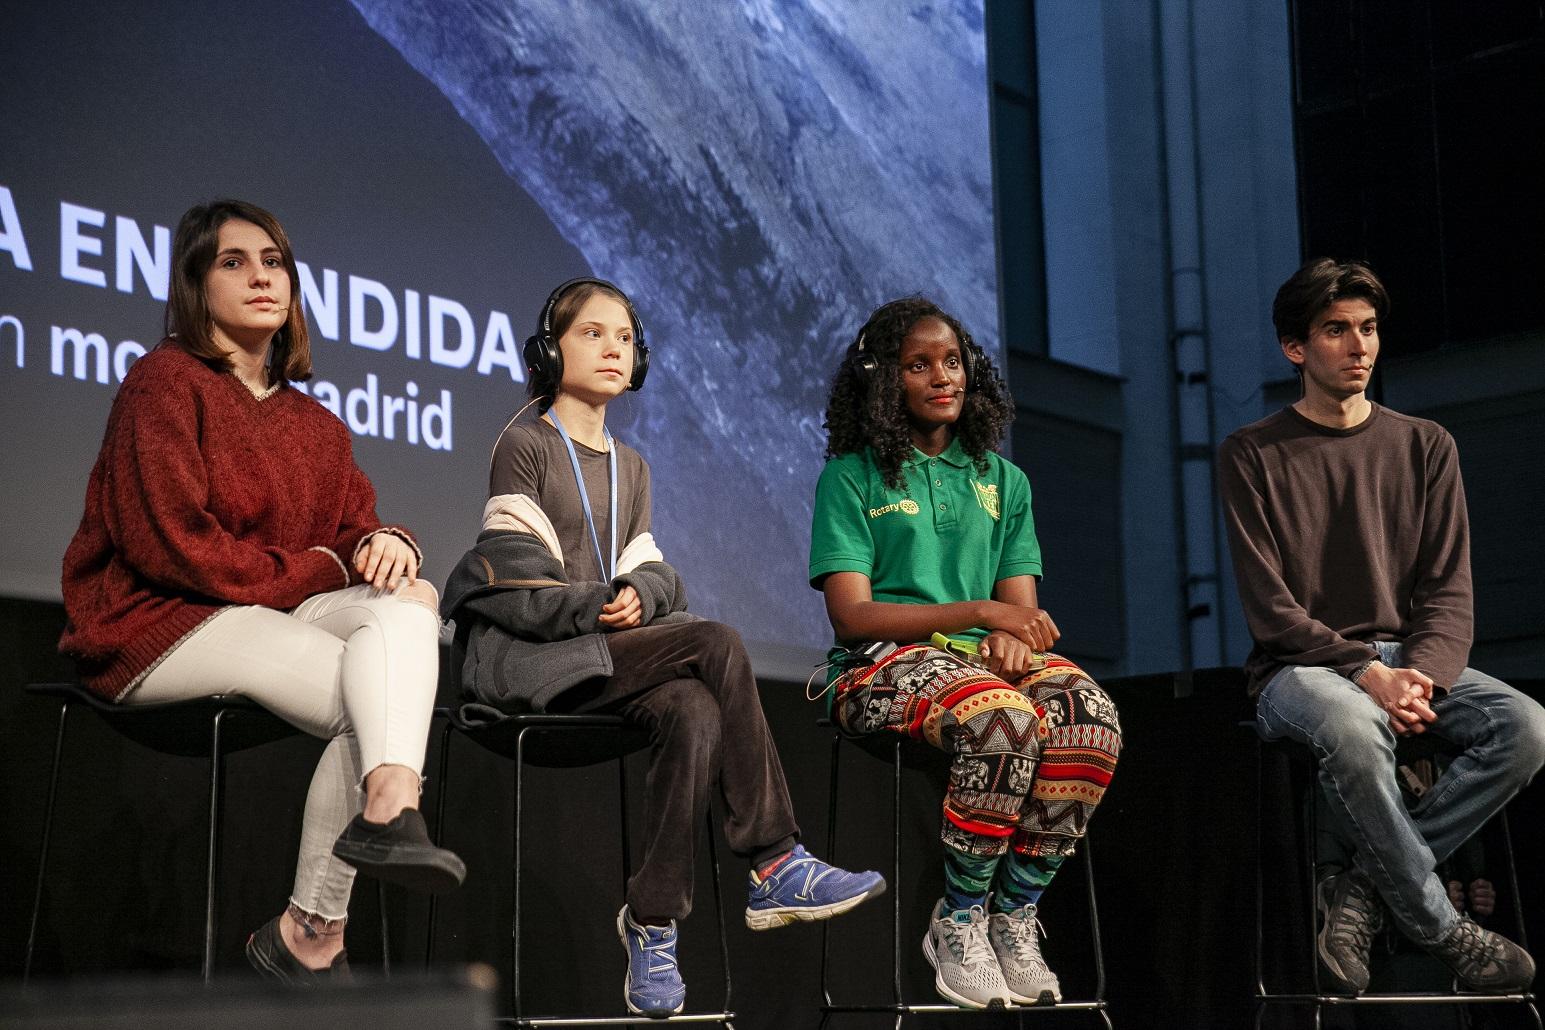 Greta Thungberg, Vanessa Nakate e ouros jovens ativistas durante uma Conferência de Imprensa na COP25, em Madri. Foto Pablo Porlan / Hans Lucas